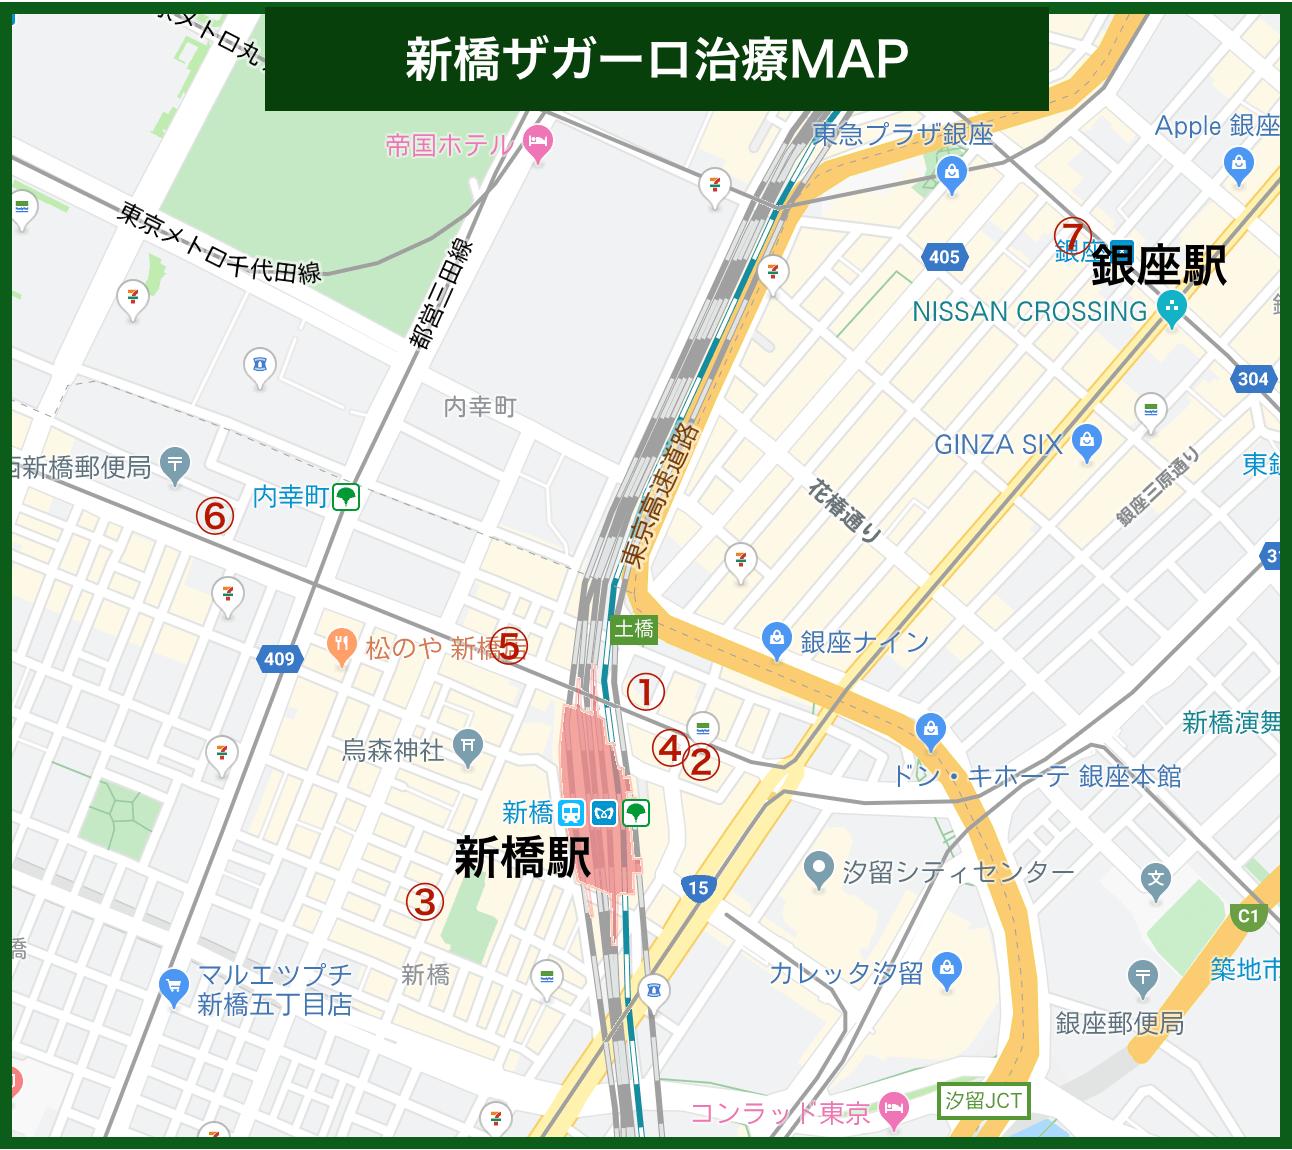 新橋ザガーロ治療MAP(2020年版)